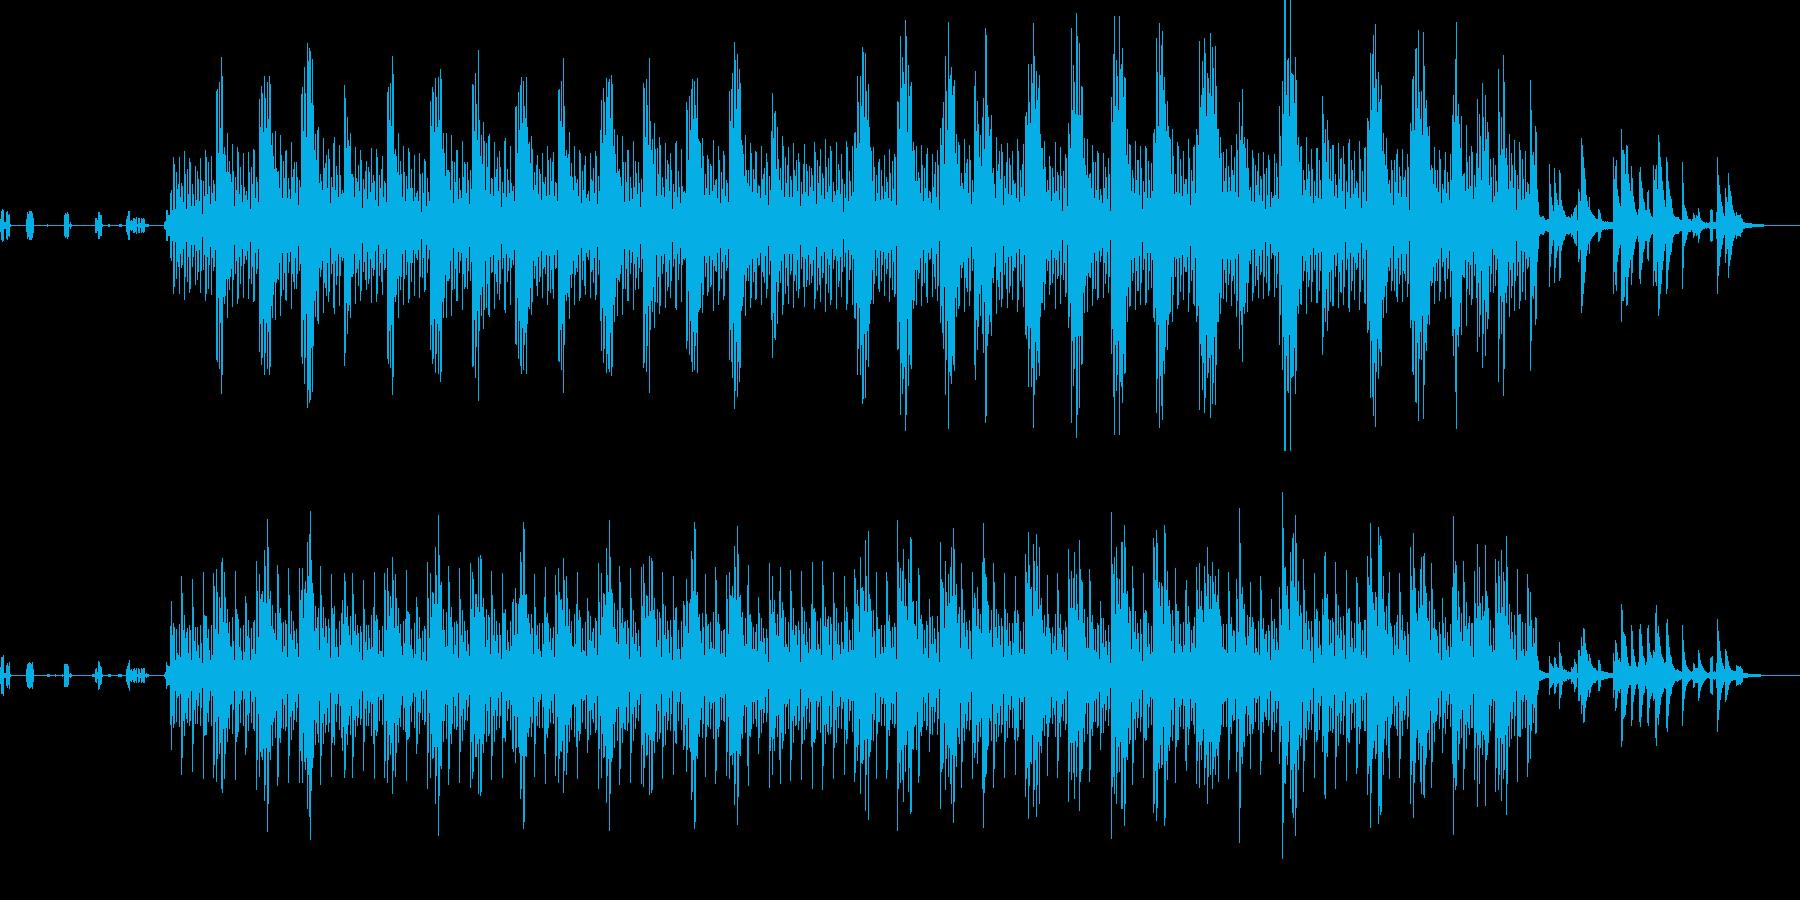 鳥のさえずりとピアノが響くアンビエントの再生済みの波形